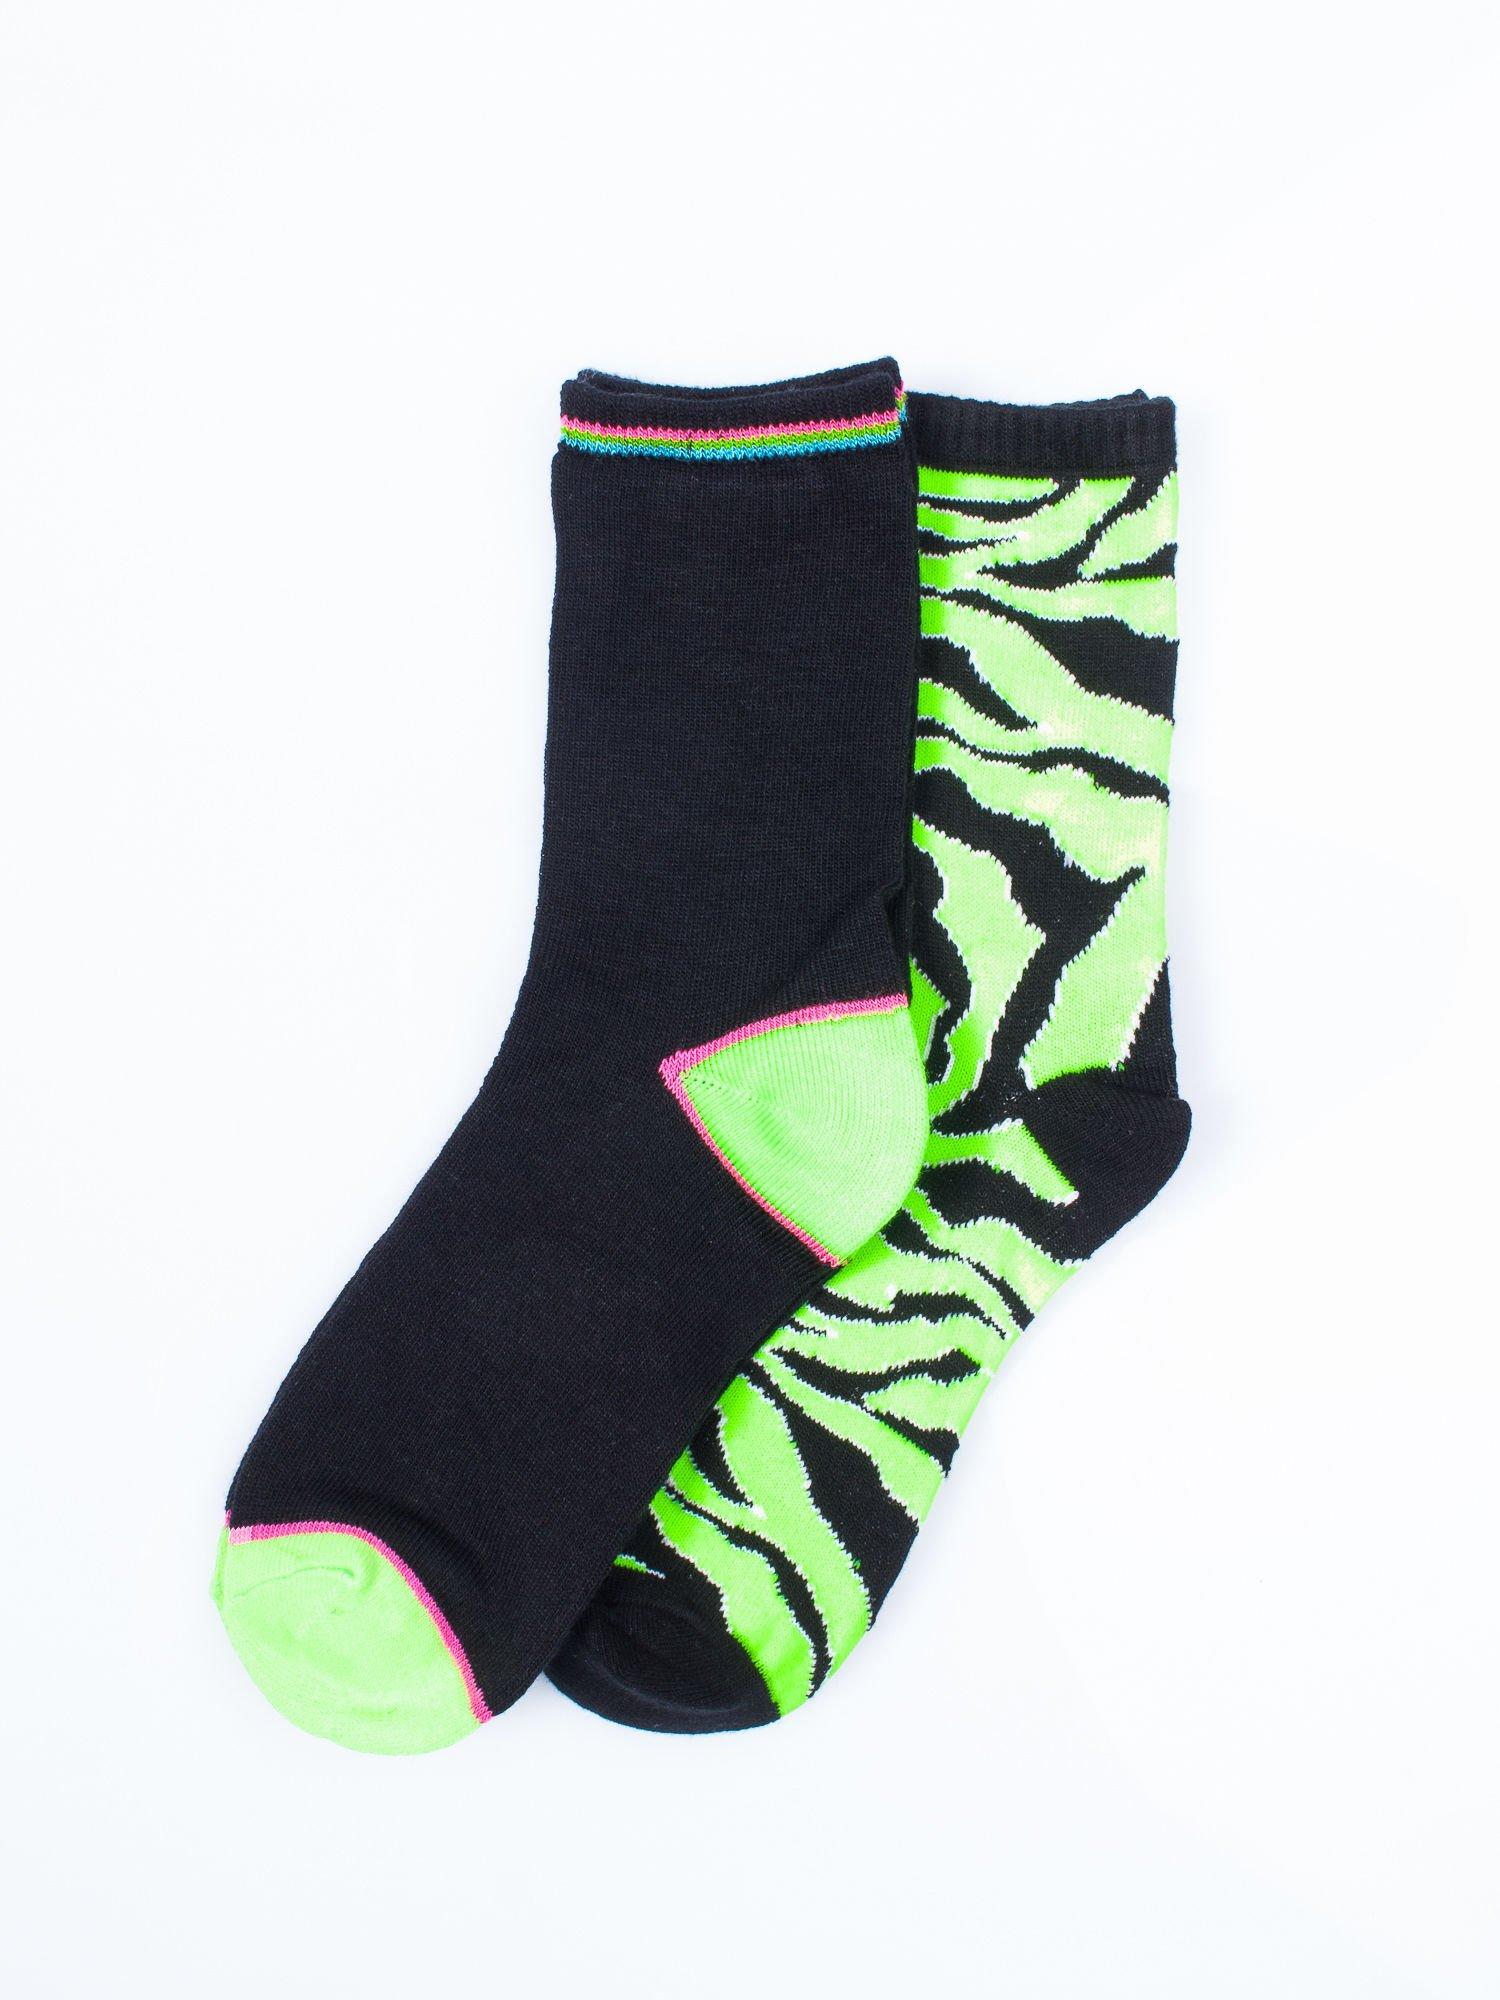 Skarpetki damskie zielona zebra-czarny zestaw 2 pary                                  zdj.                                  1